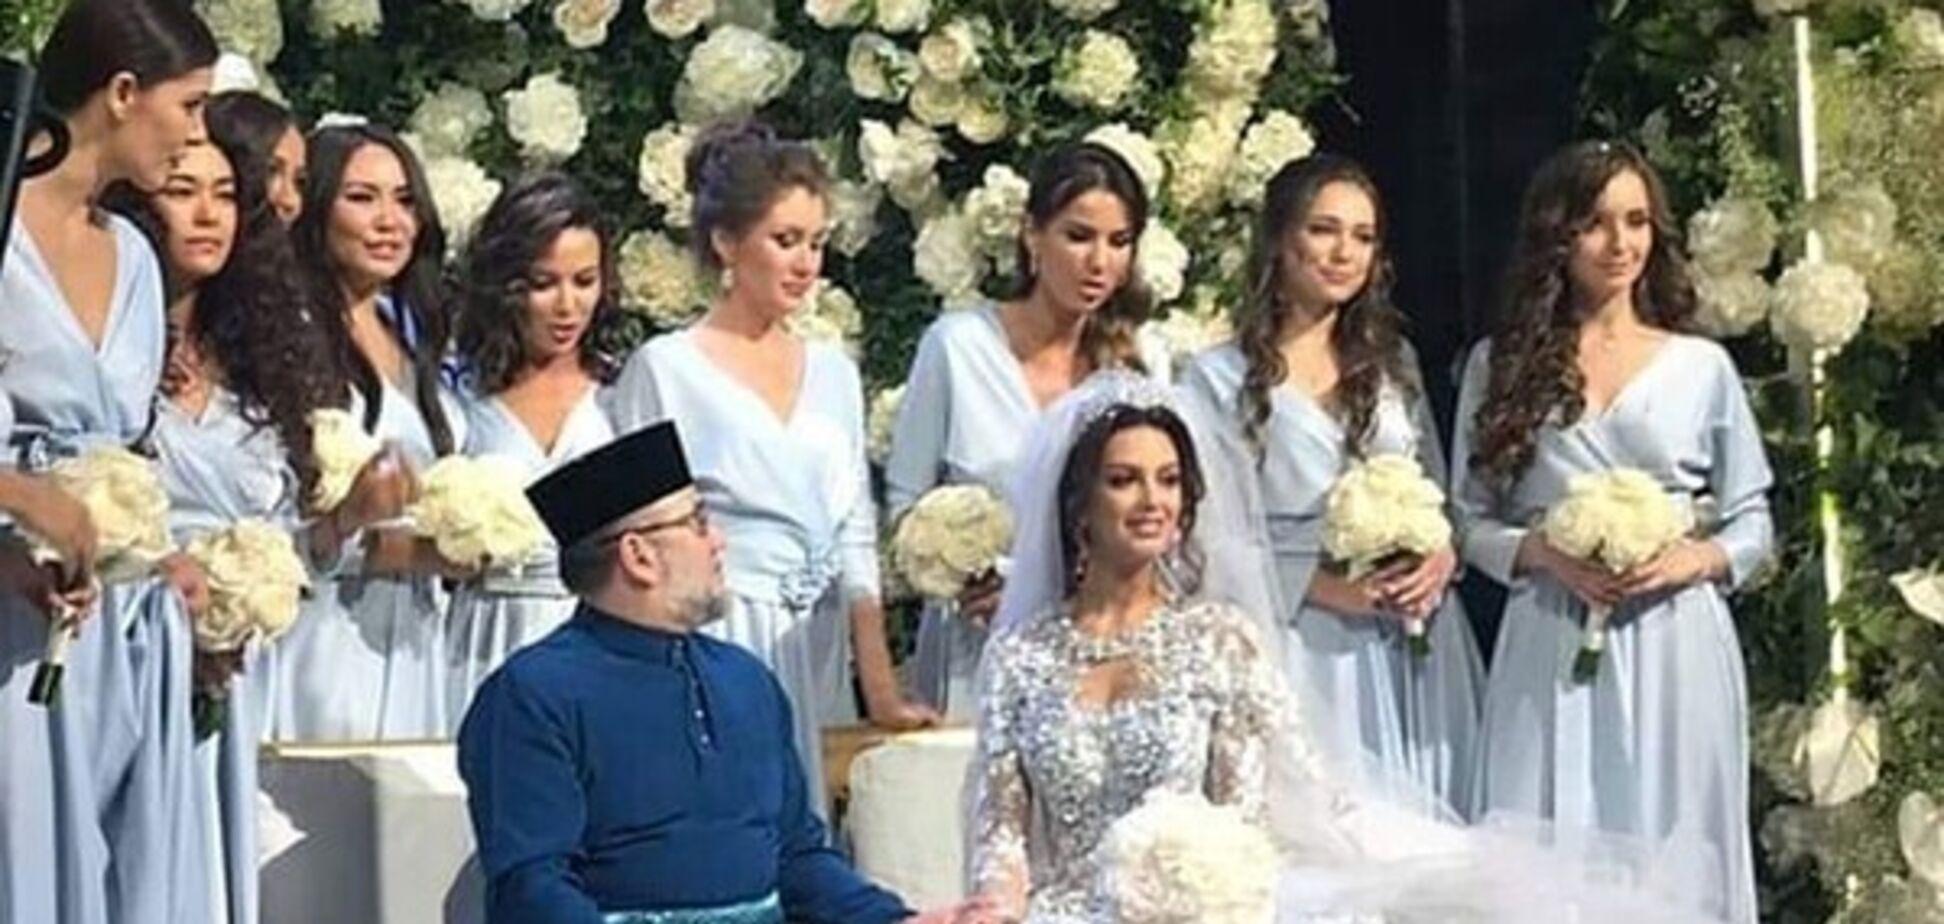 Розсекречено подробиці гучного розлучення екскороля Малайзії та 'Міс Москви'